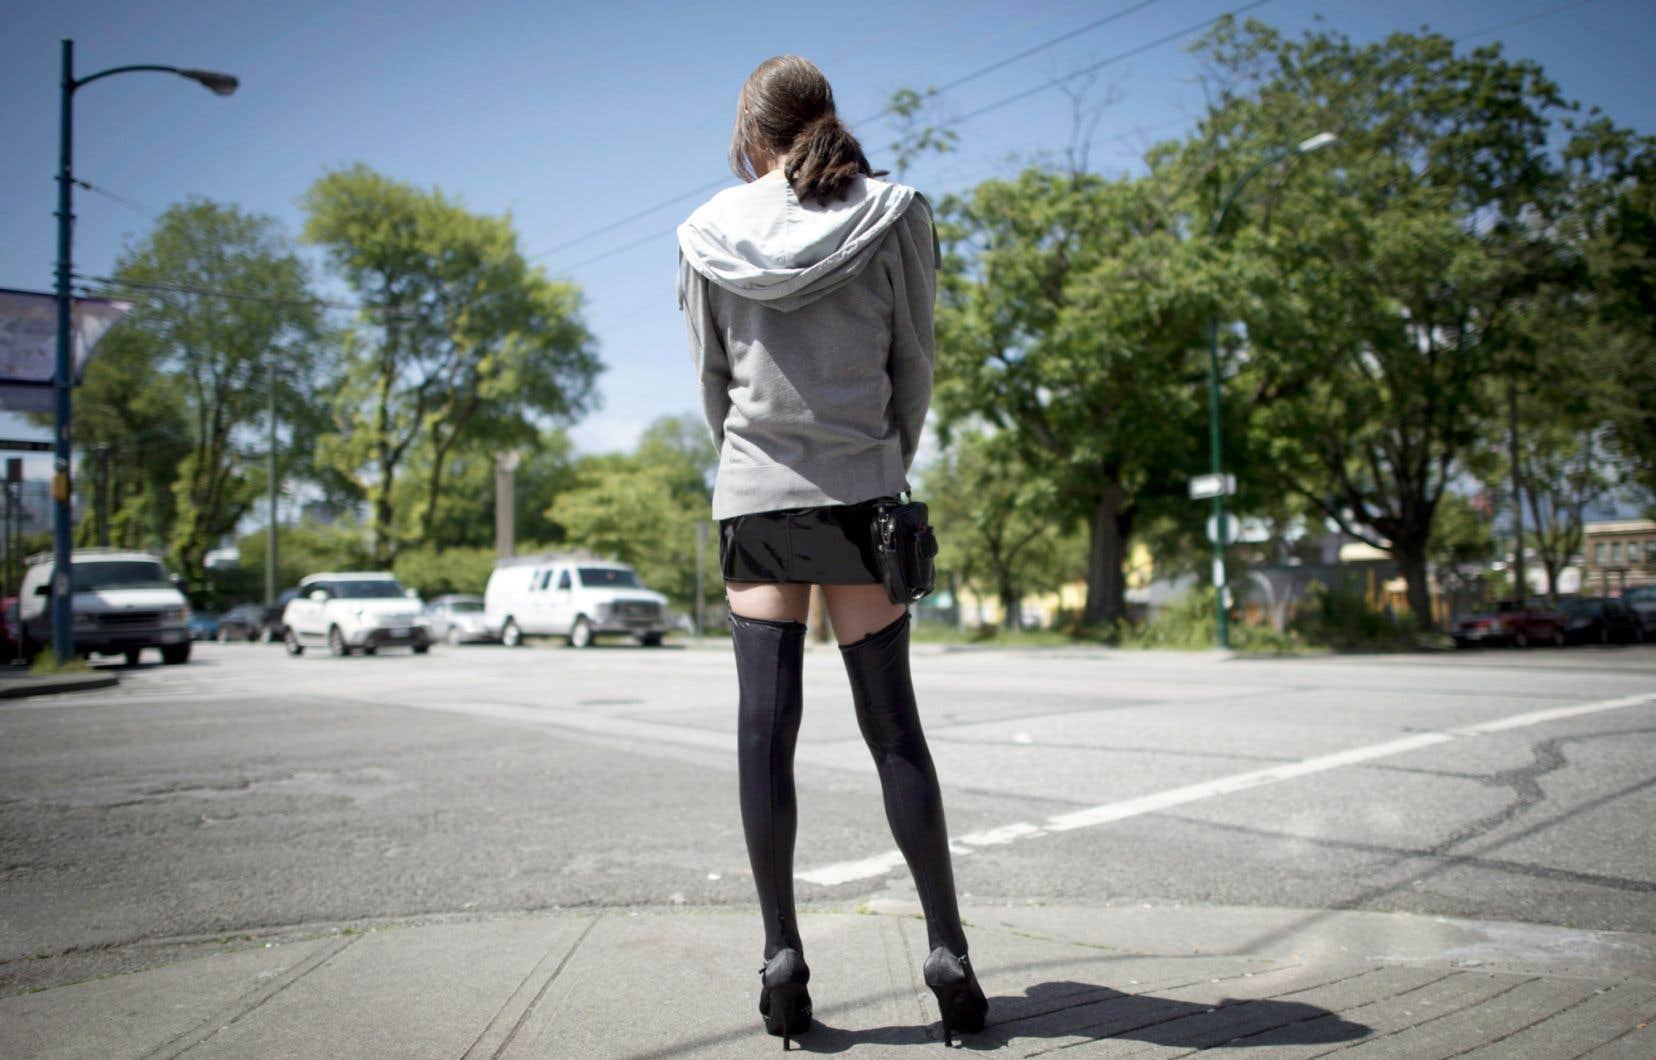 Le projet de loi C-36 criminalise les clients, mais il criminalise aussi les prostituées dans certaines circonstances.